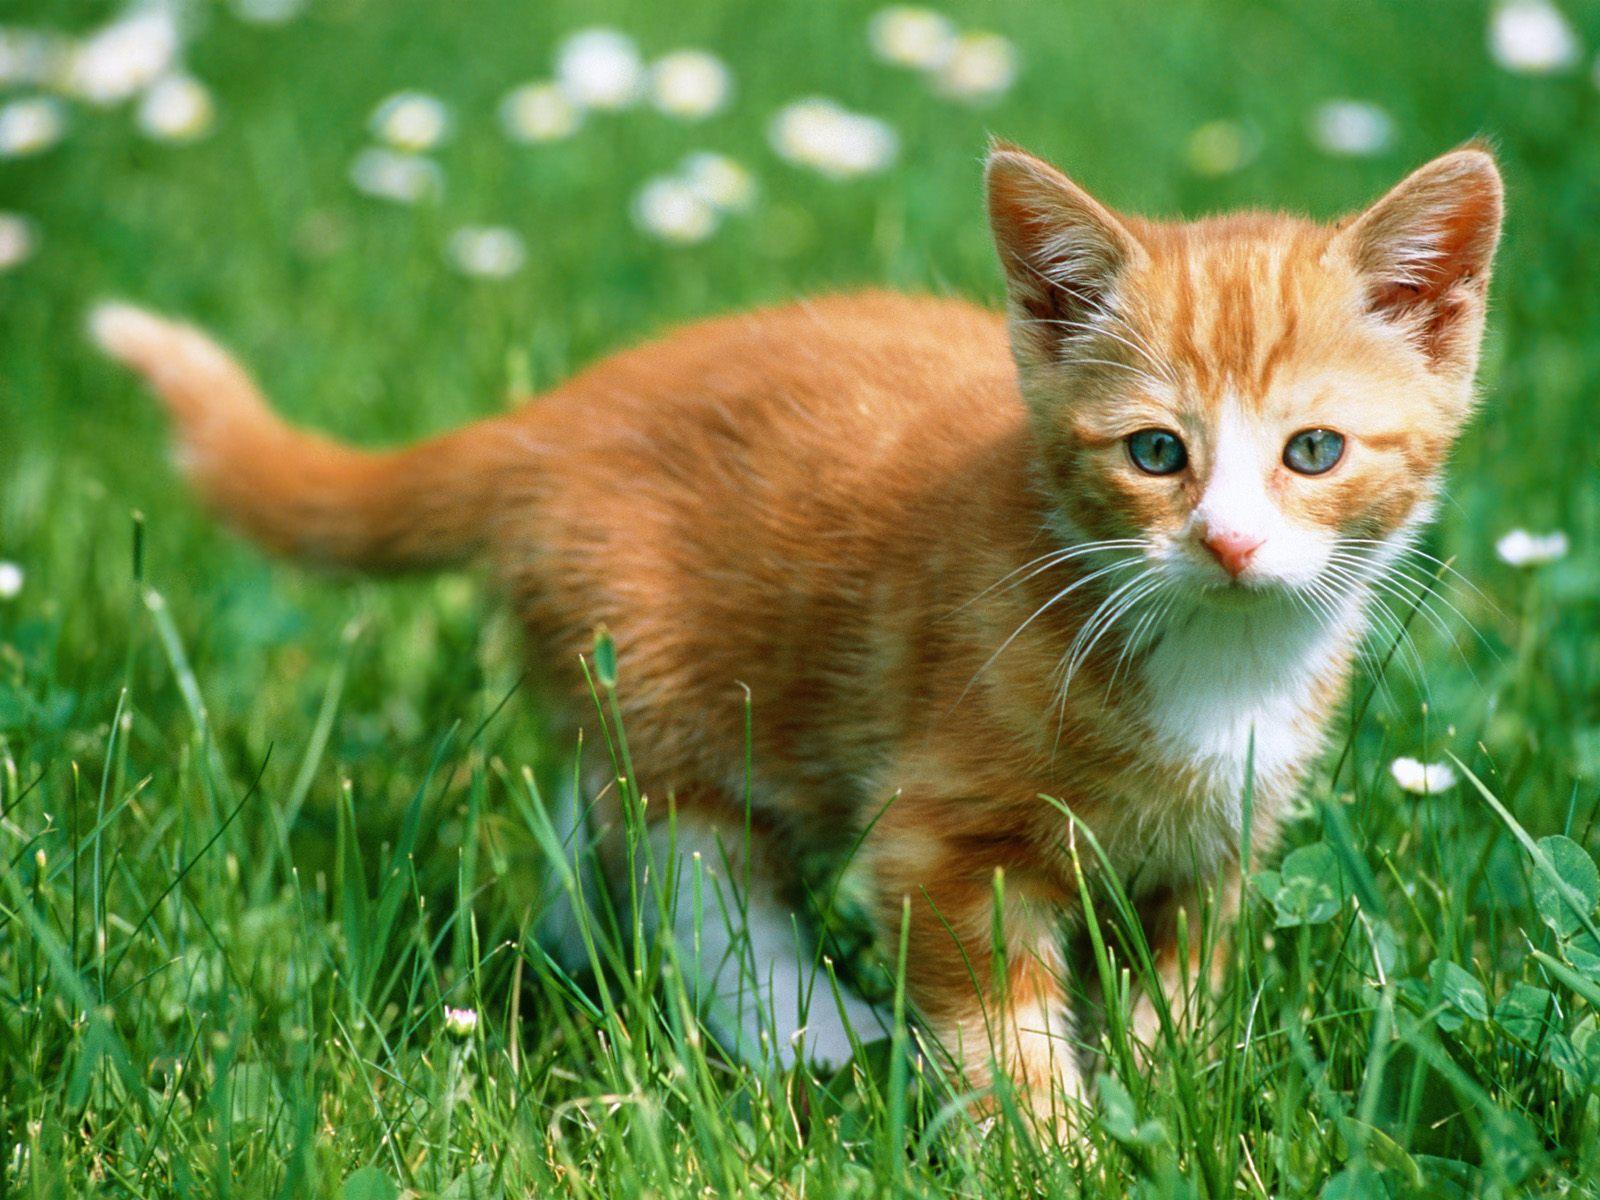 http://4.bp.blogspot.com/-qy7UOIRlnas/TcYev1XH_8I/AAAAAAAAAK0/stpqfYJV5Qs/s1600/kitten_pretty_wallpaper.jpg